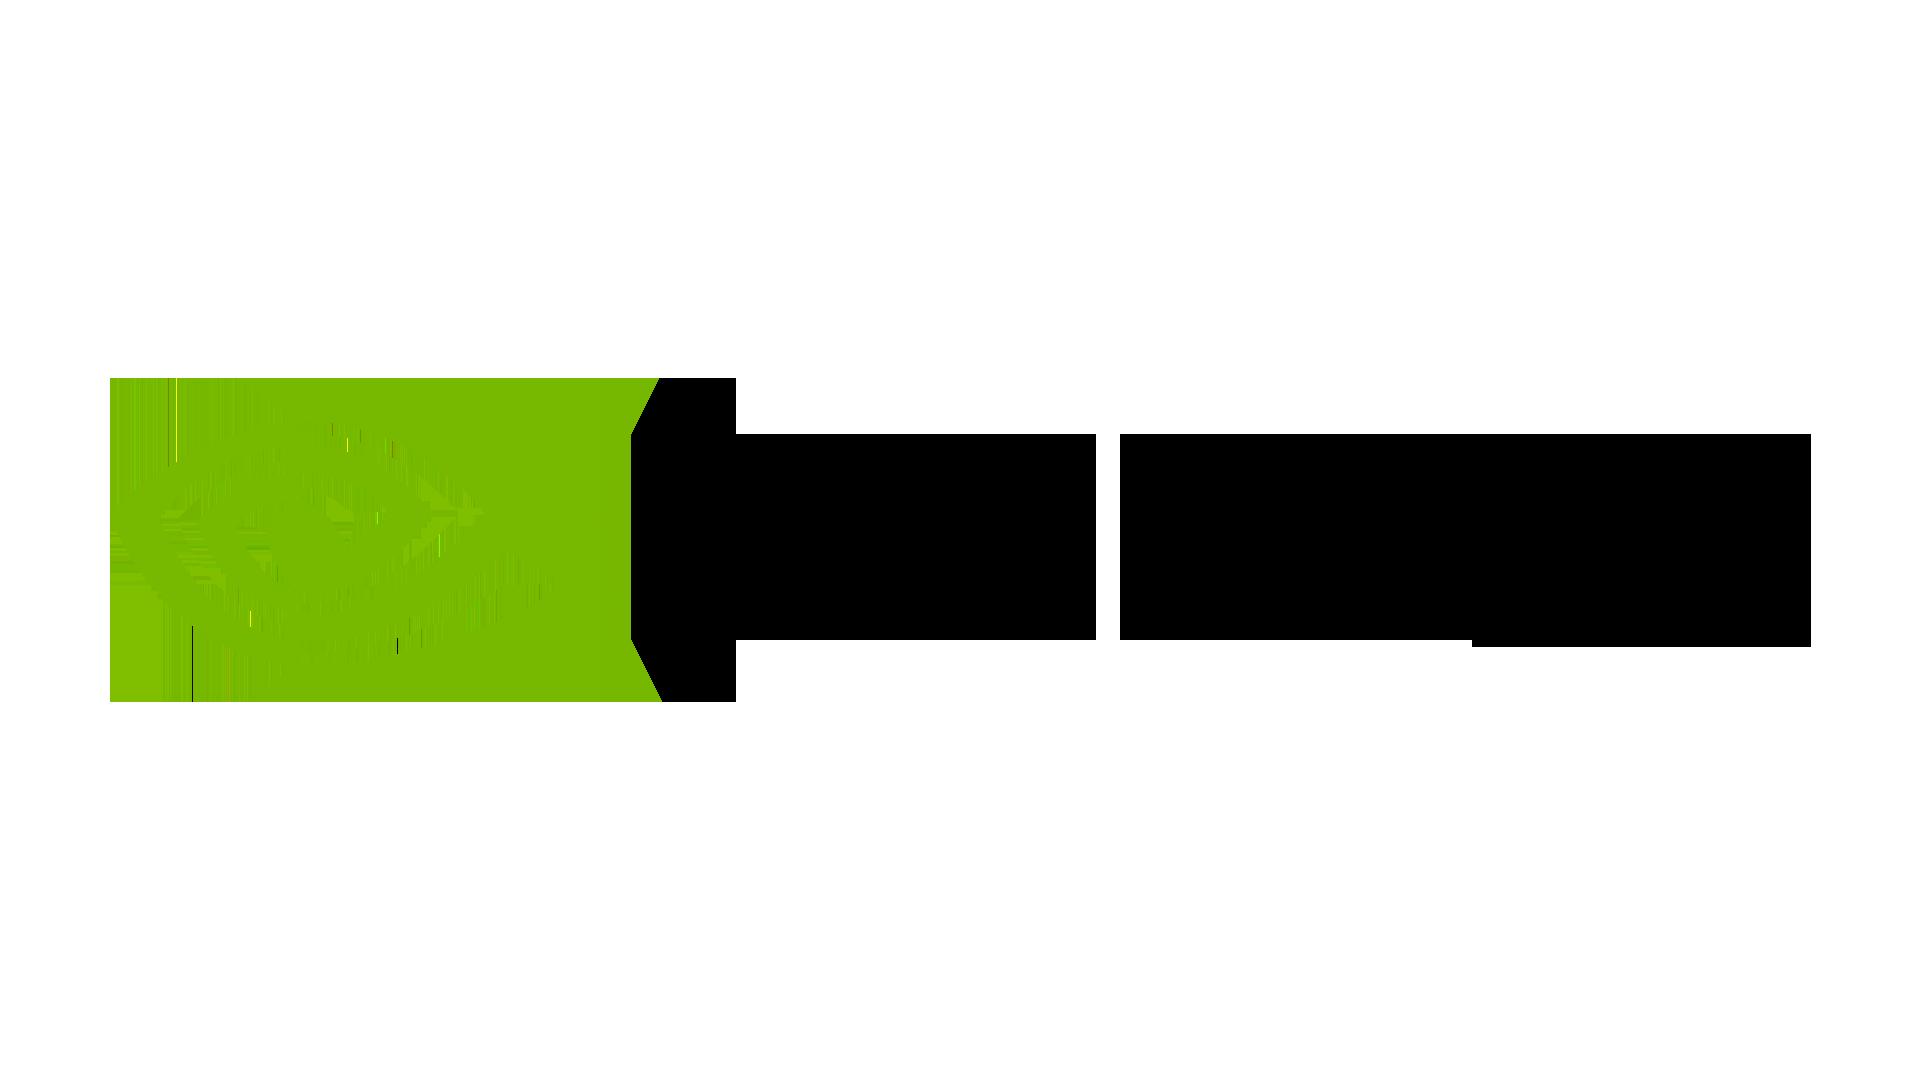 https://d1.awsstatic.com/logos/customers/TensorFlow/Nvidia-logo-01.d5050d1ec064df154ef5e839260d865c00c24bdd.png